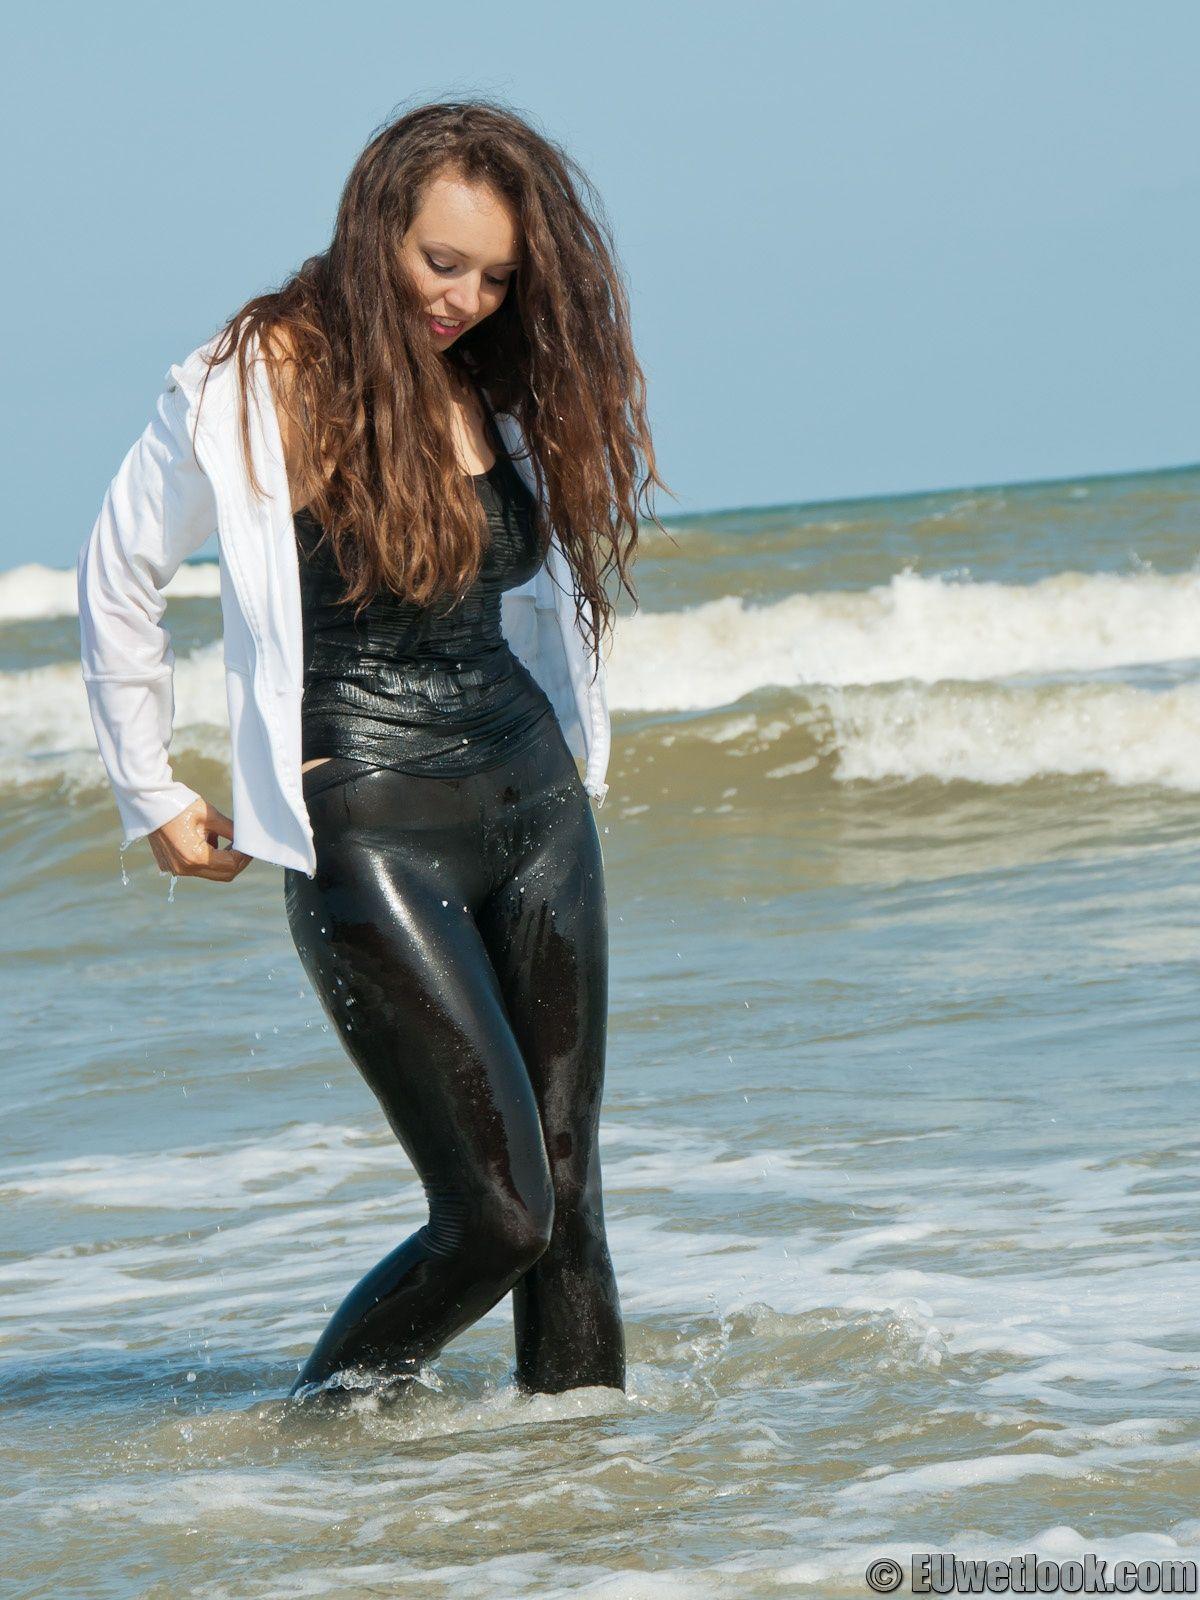 Wet Leggings   Wet Leggings   Pinterest   Latex costumes ...